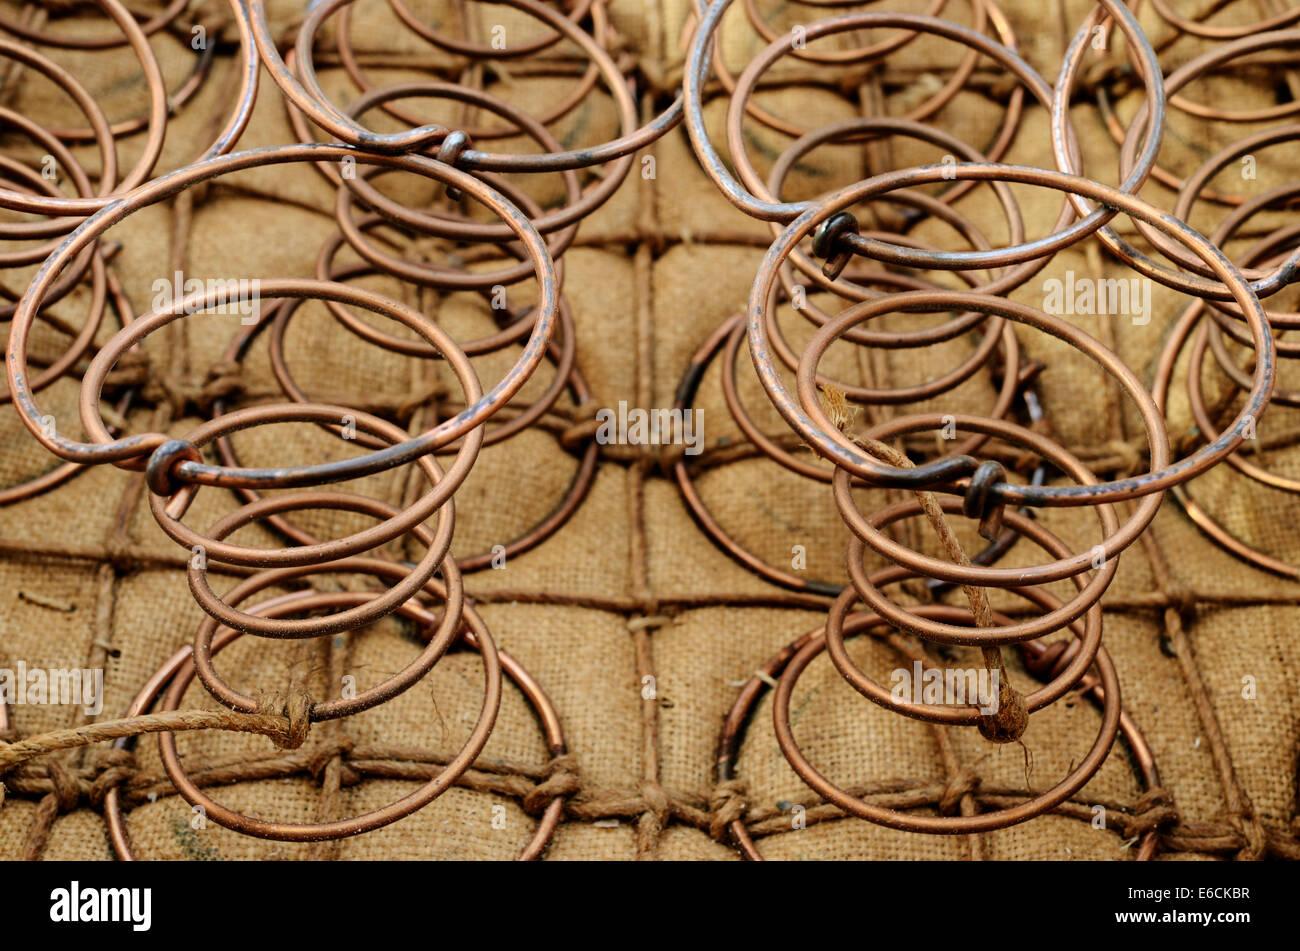 Molle di mobili all'interno della vecchia sedia, orizzontale Immagini Stock